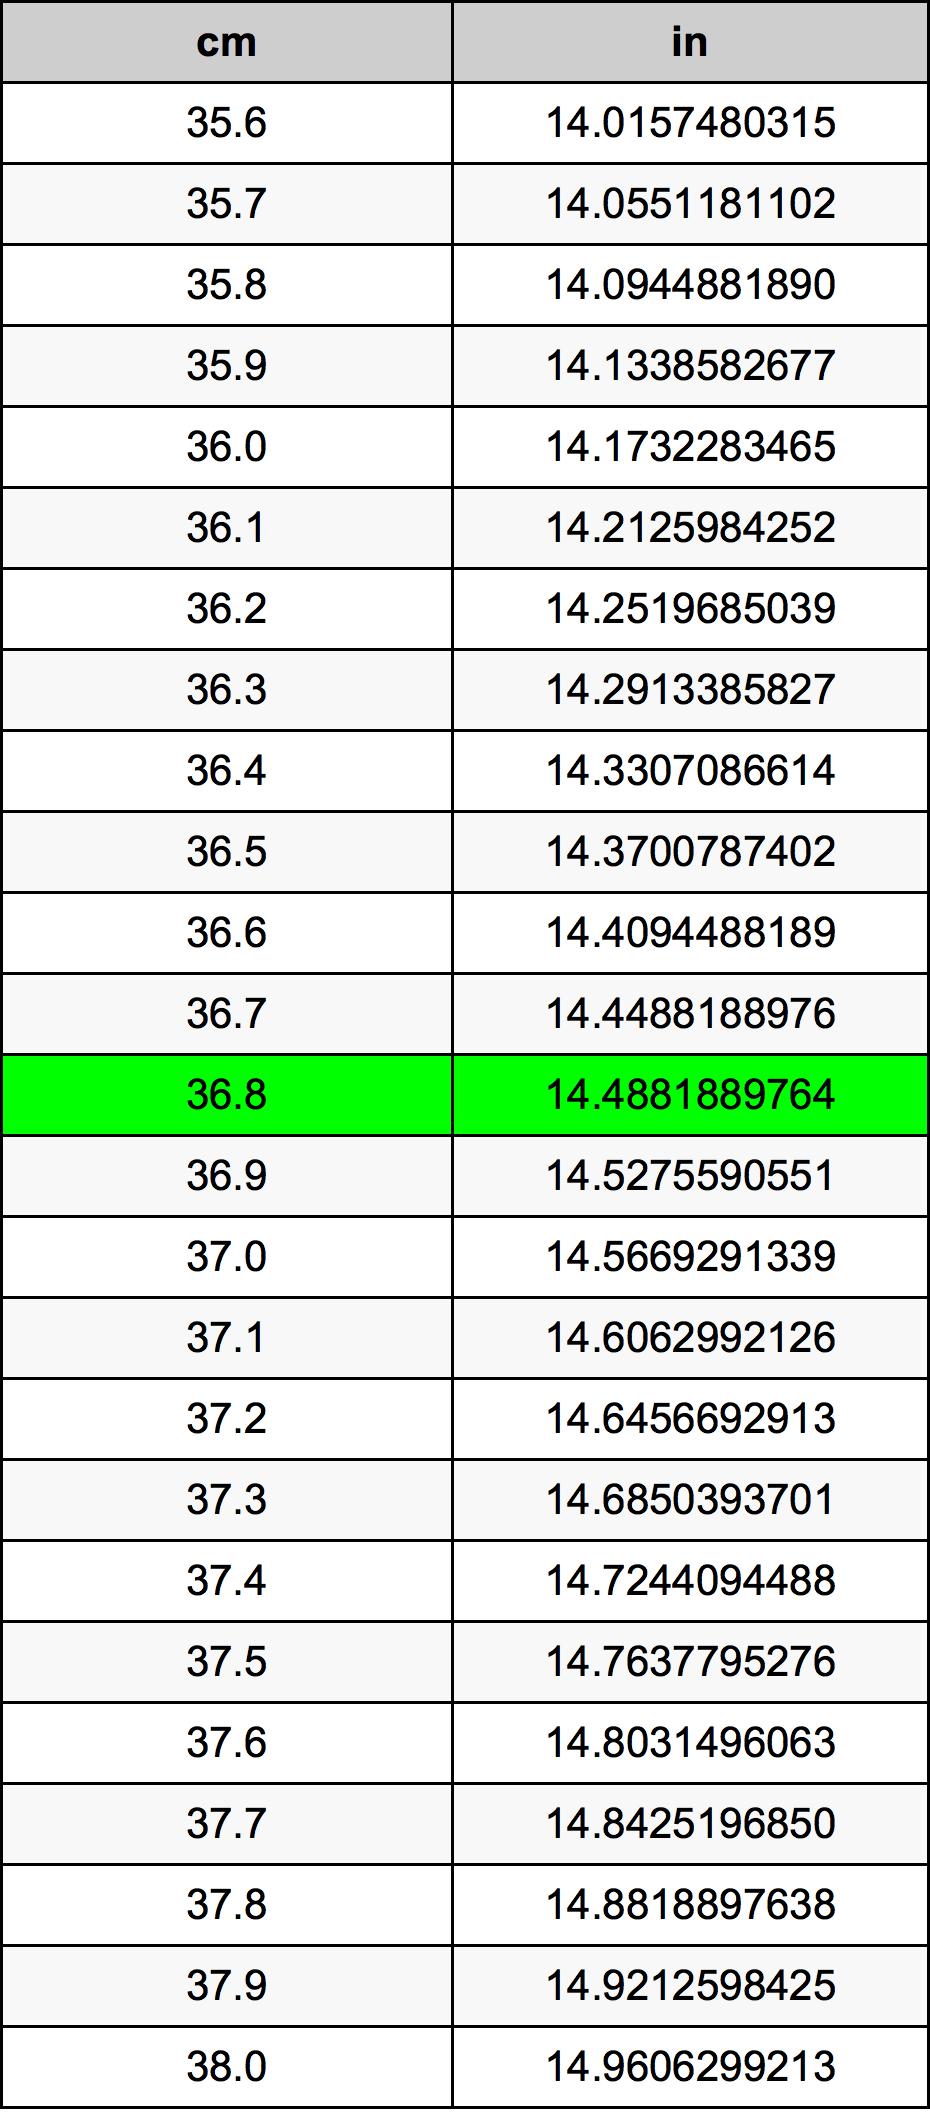 36.8 Centiméter átszámítási táblázat